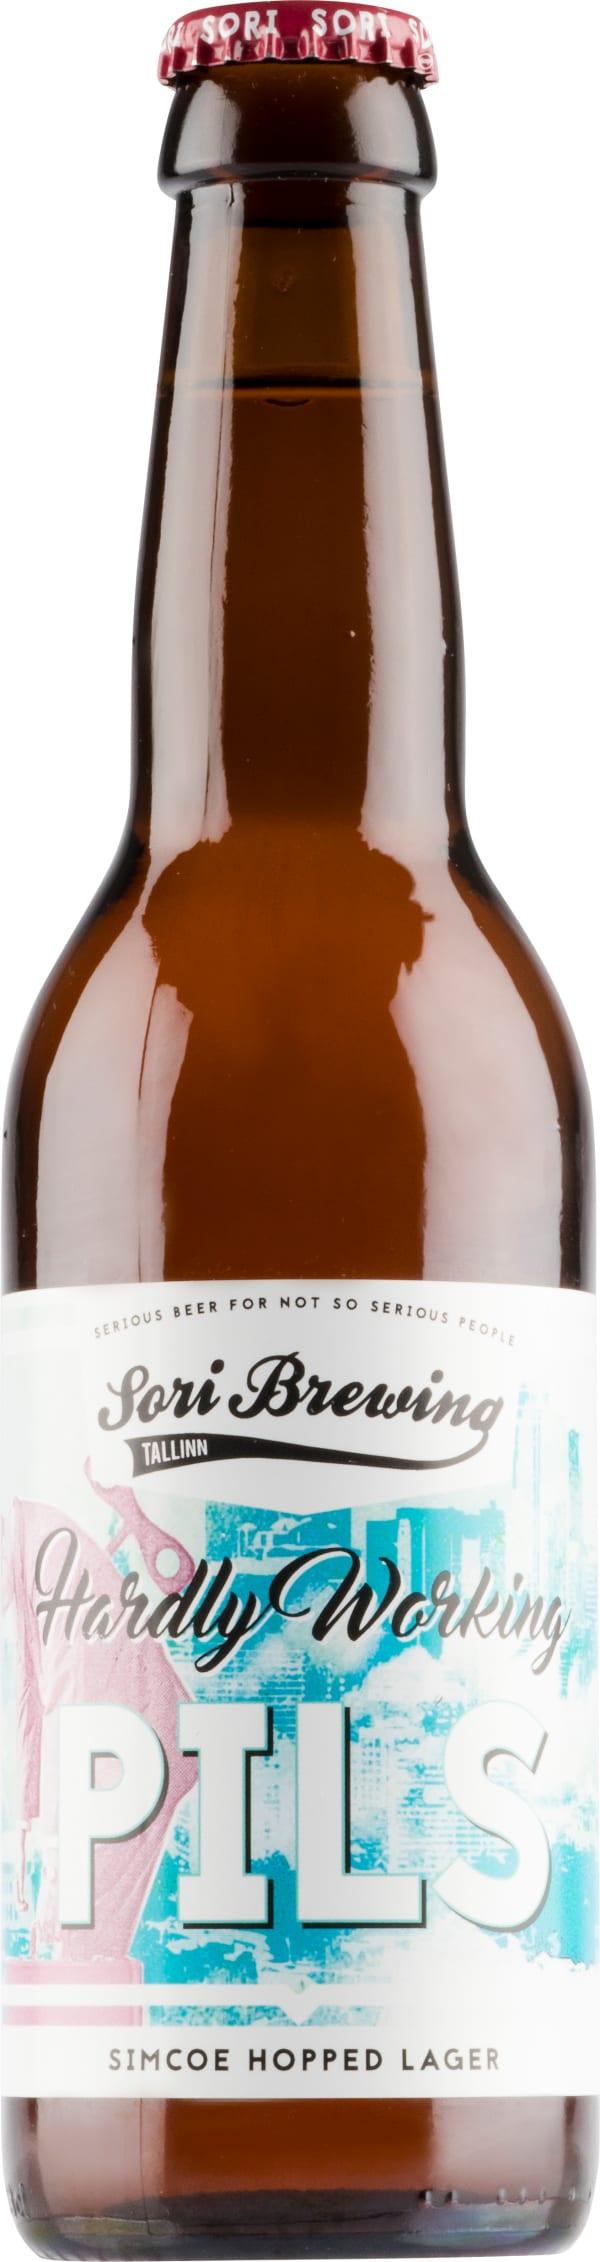 Sori Brewing Hardly Working Pils